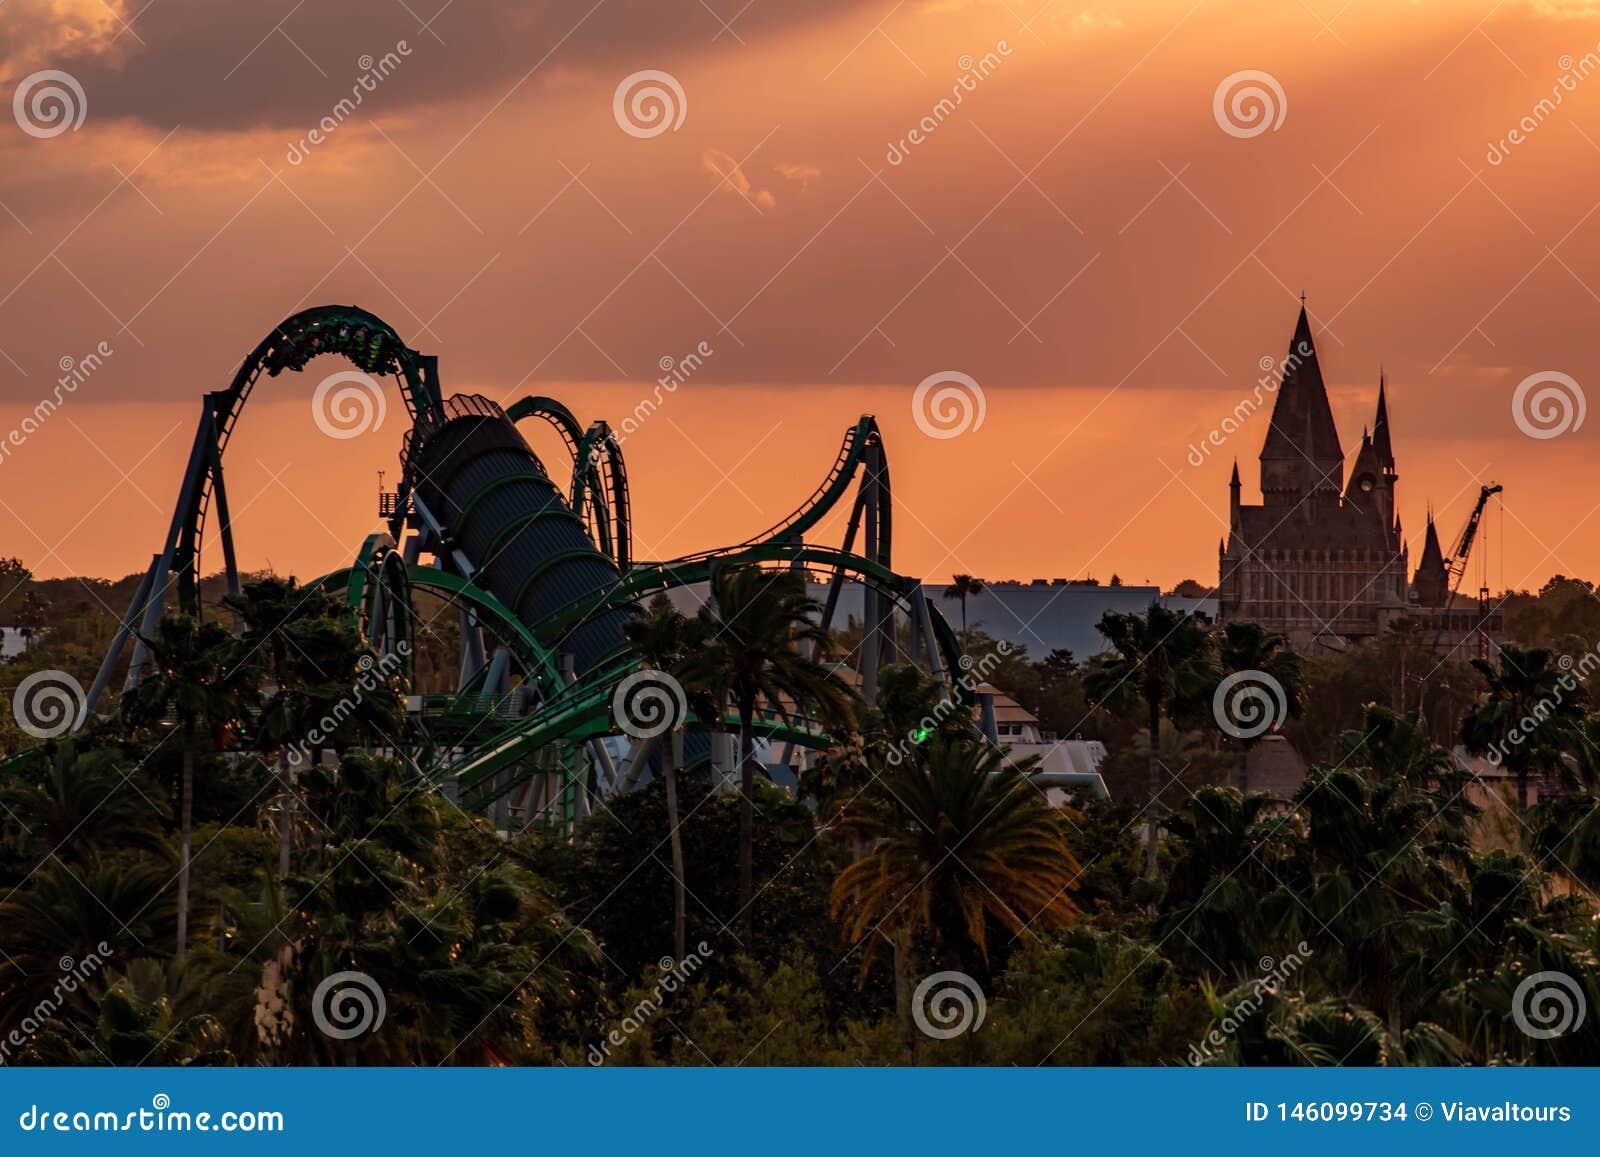 Τοπ άποψη Hogwarts Castle και απίστευτο Hulk rollercoaster στο ζωηρόχρωμο υπόβαθρο ουρανού ηλιοβασιλέματος στην περιοχή UNIVERSAL